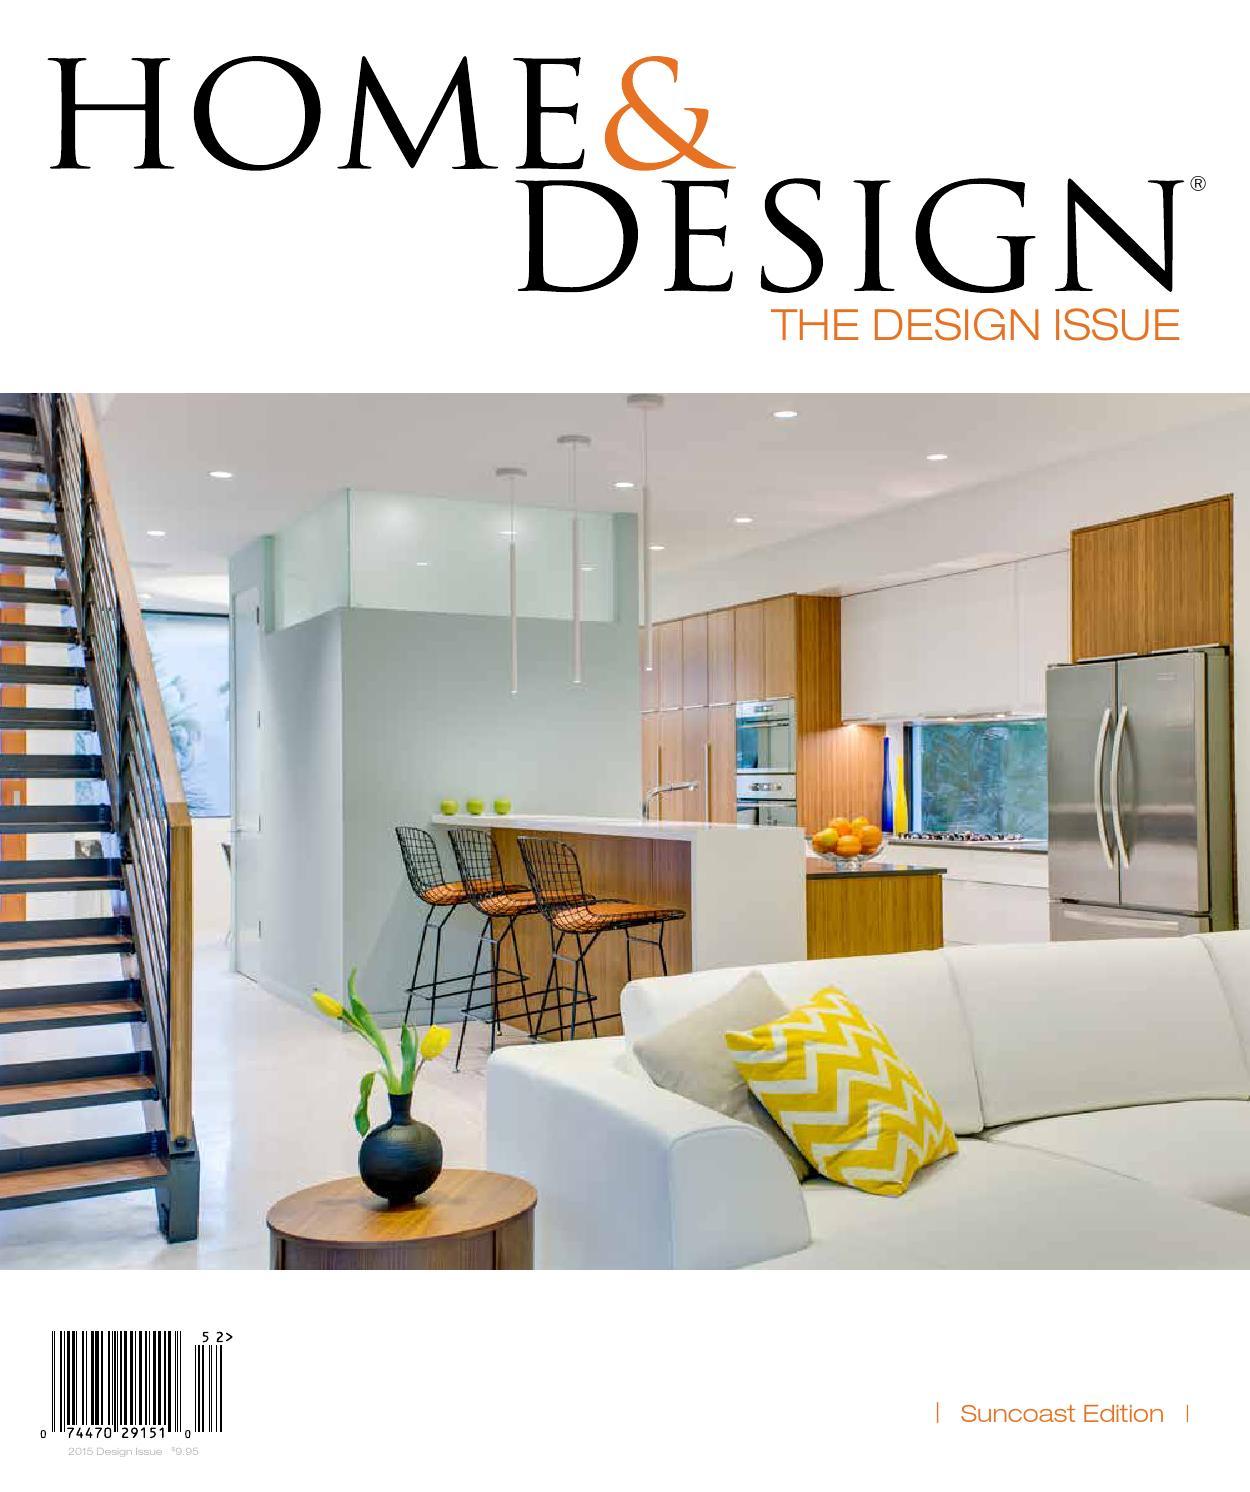 Best Kitchen Gallery: Home Design Magazine Design Issue 2015 Suncoast Florida of Home By Design Magazine  on rachelxblog.com